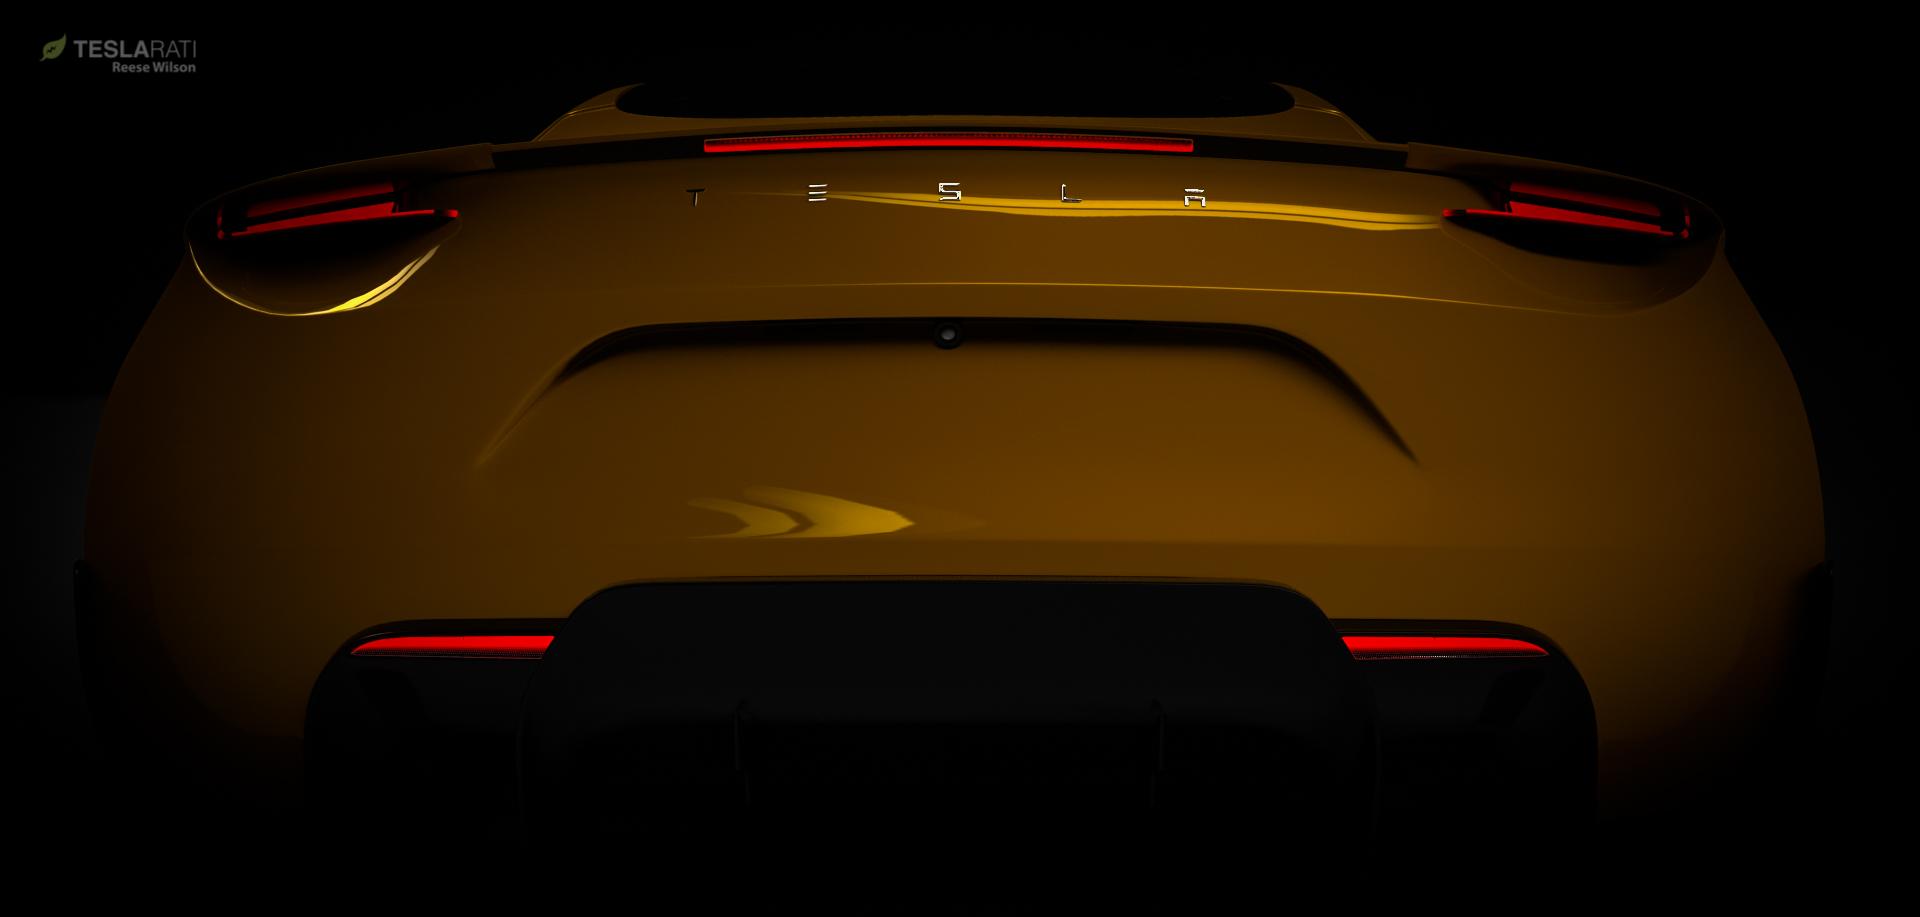 tesla-roadster-next-gen